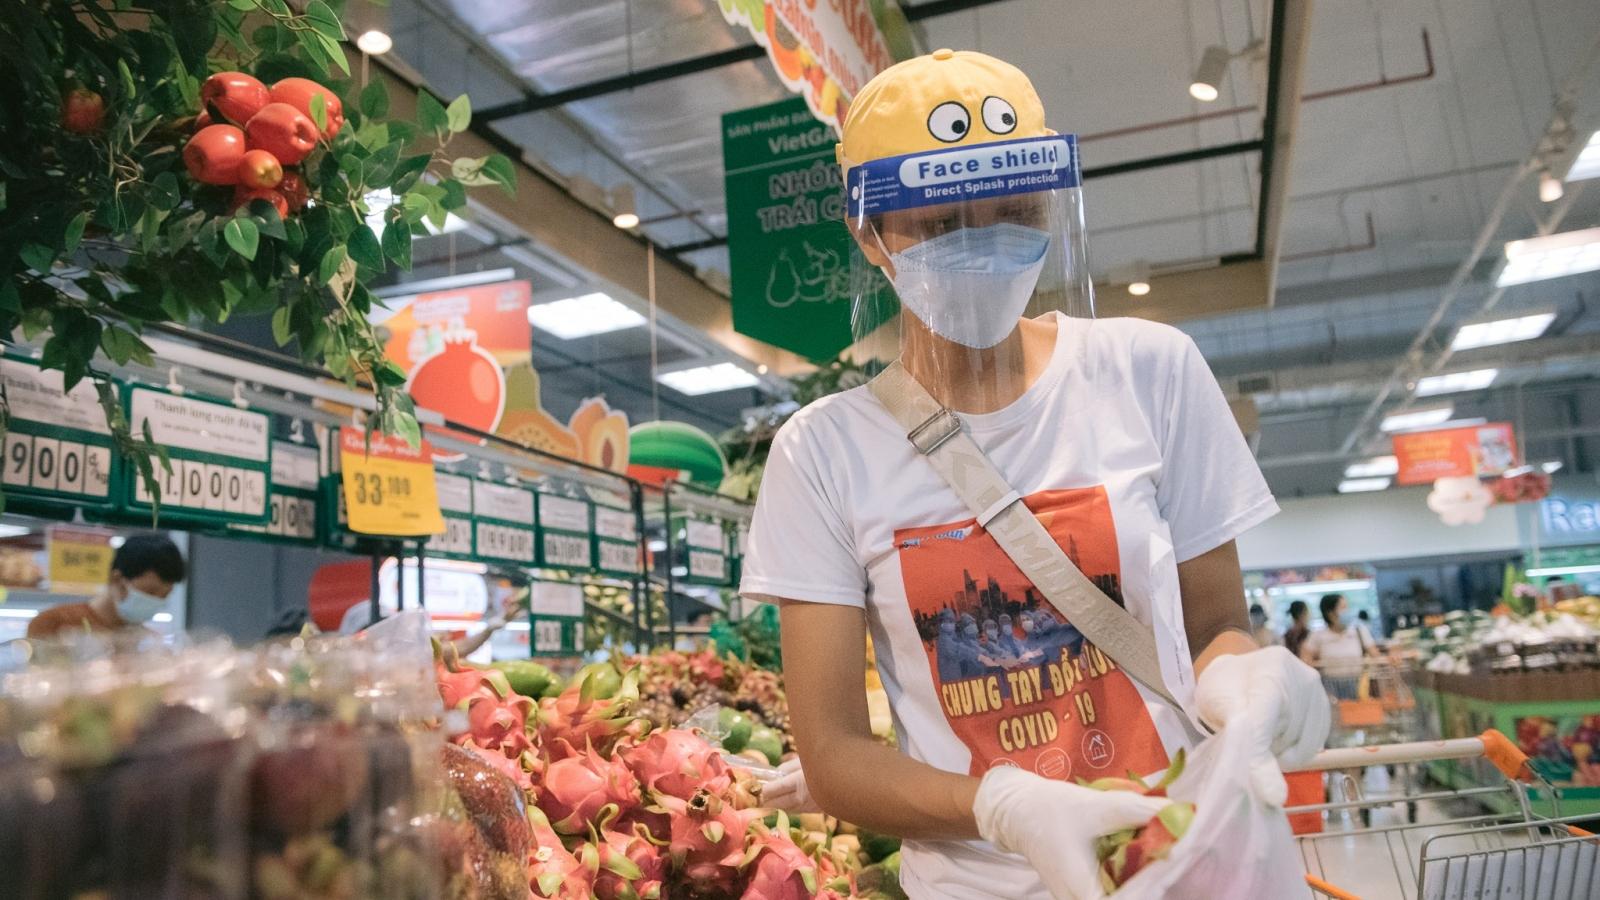 Hoa hậu H'Hen Niê phủ xanh bản đồ Zalo Connect trợ giúp người dân trong đại dịch Covid-19